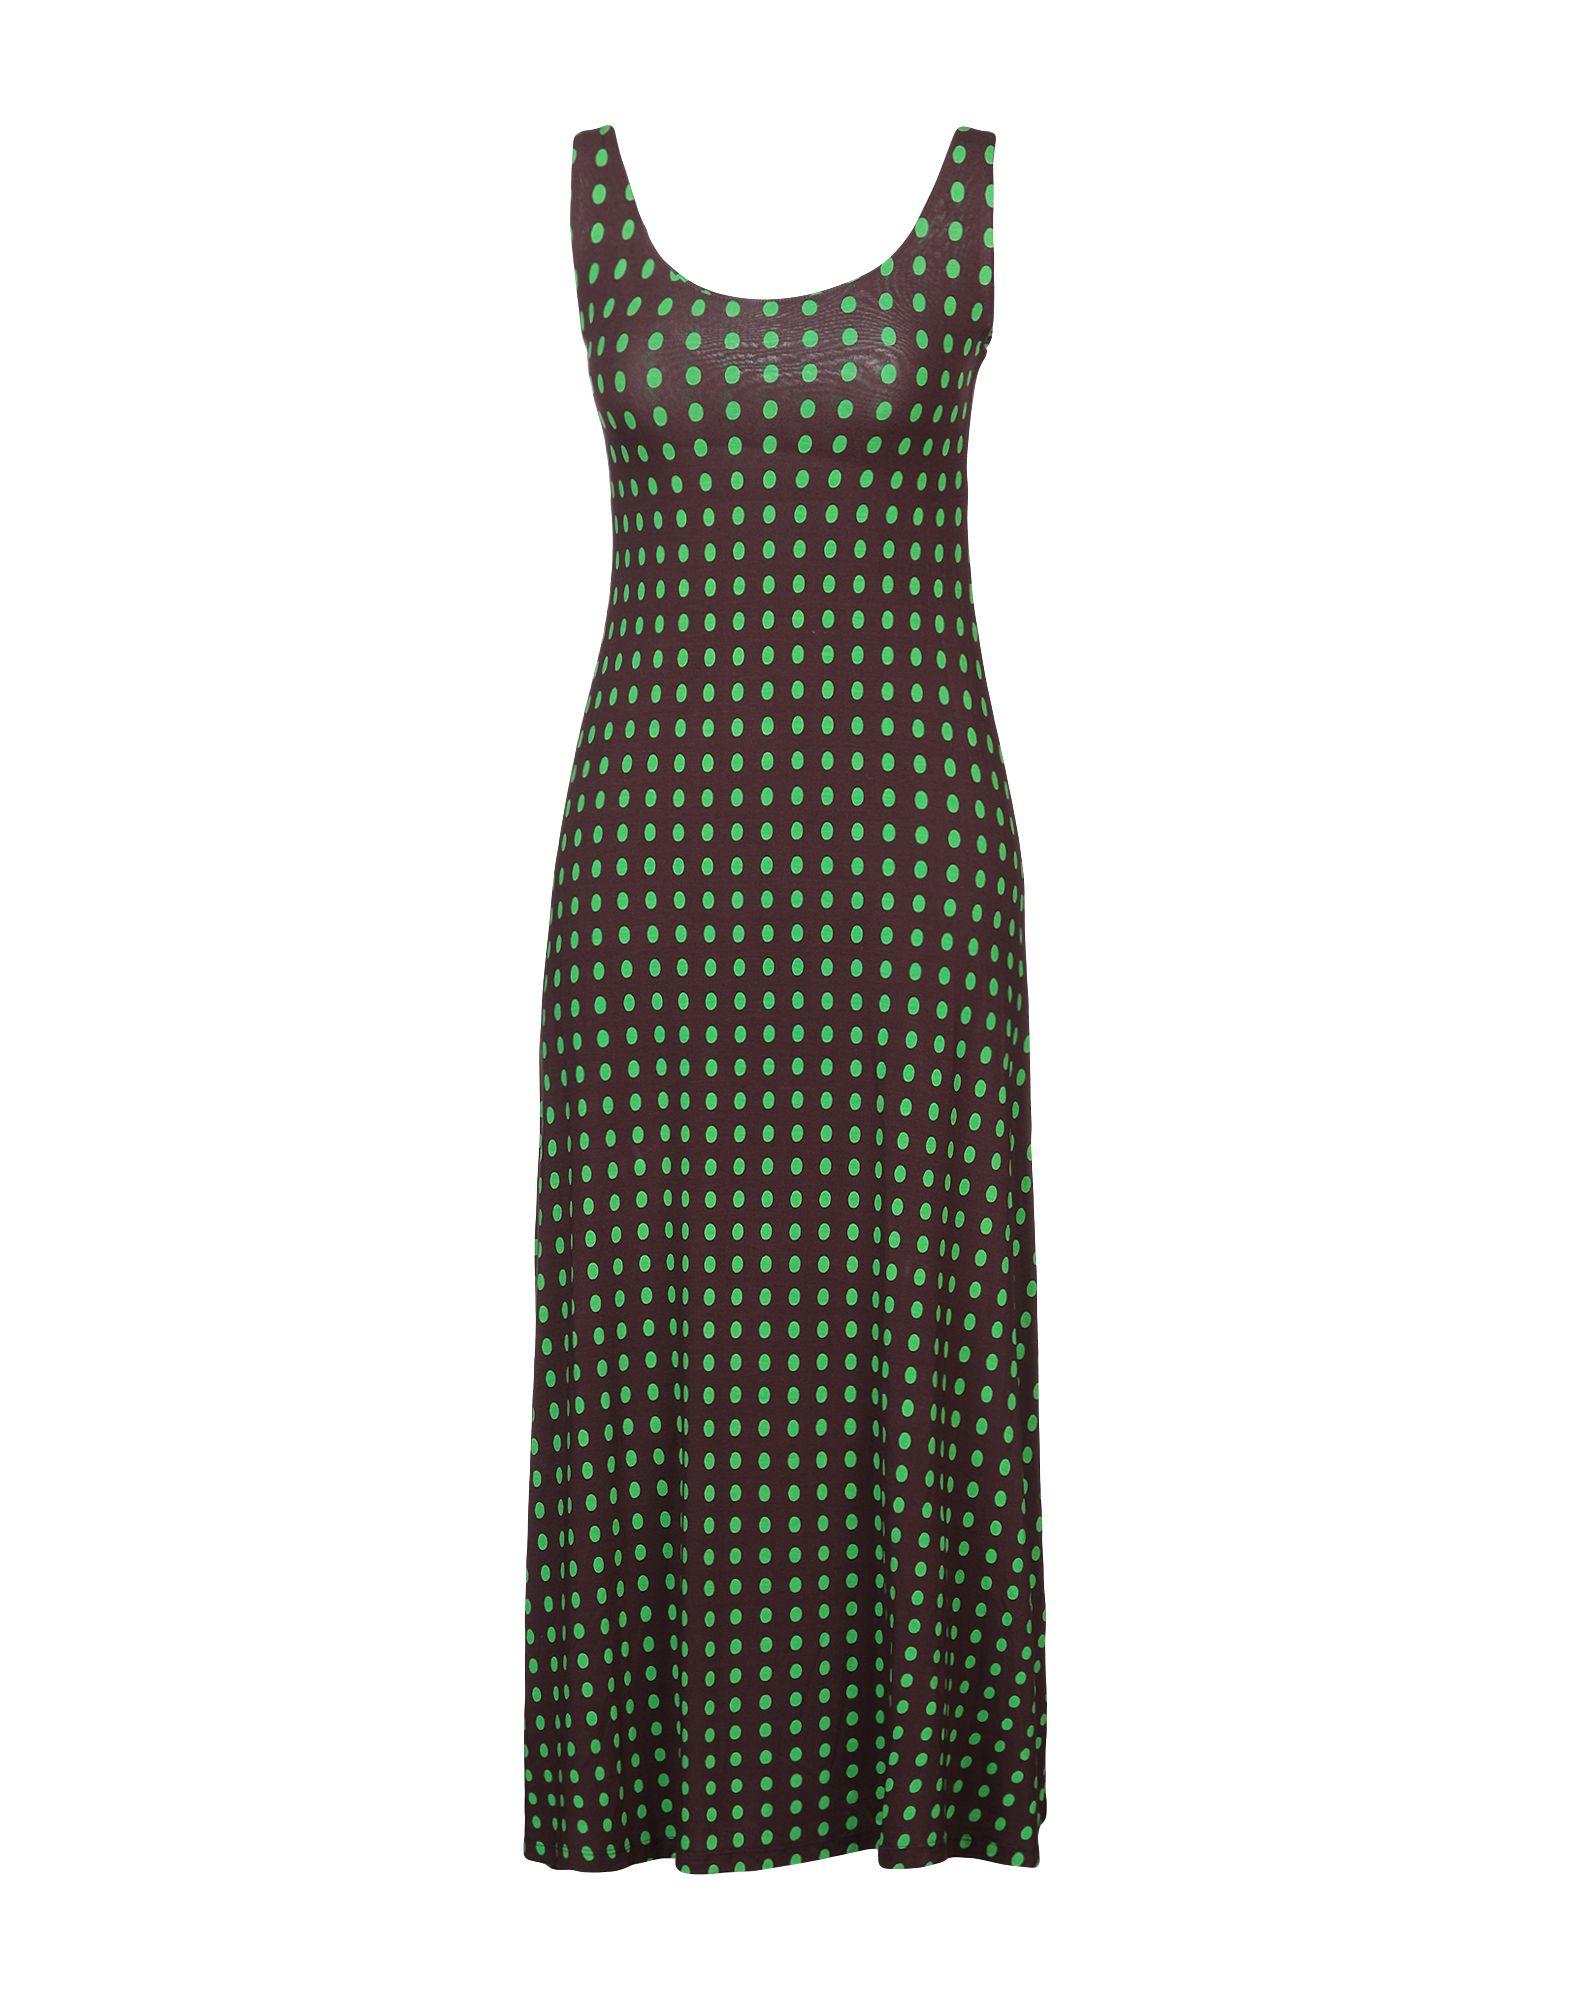 Фото - SIYU Платье длиной 3/4 платье комбинезон в горошек 1 мес 3 года